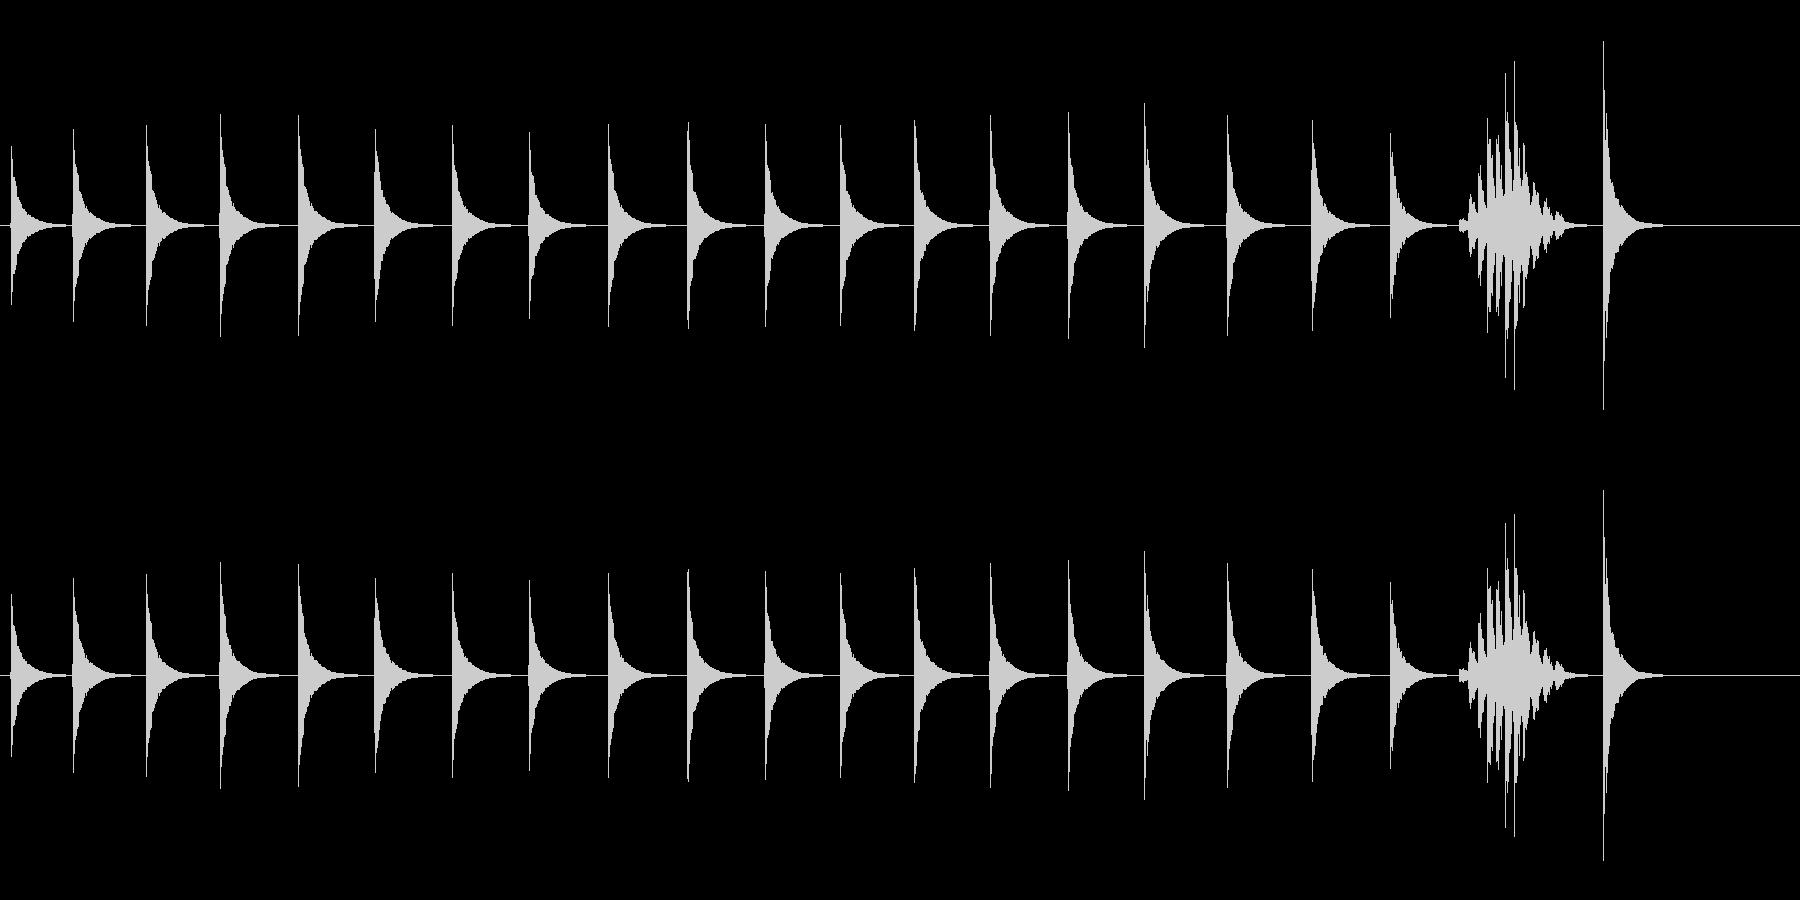 大太鼓4雪音雪音歌舞伎情景描写和風和太鼓の未再生の波形